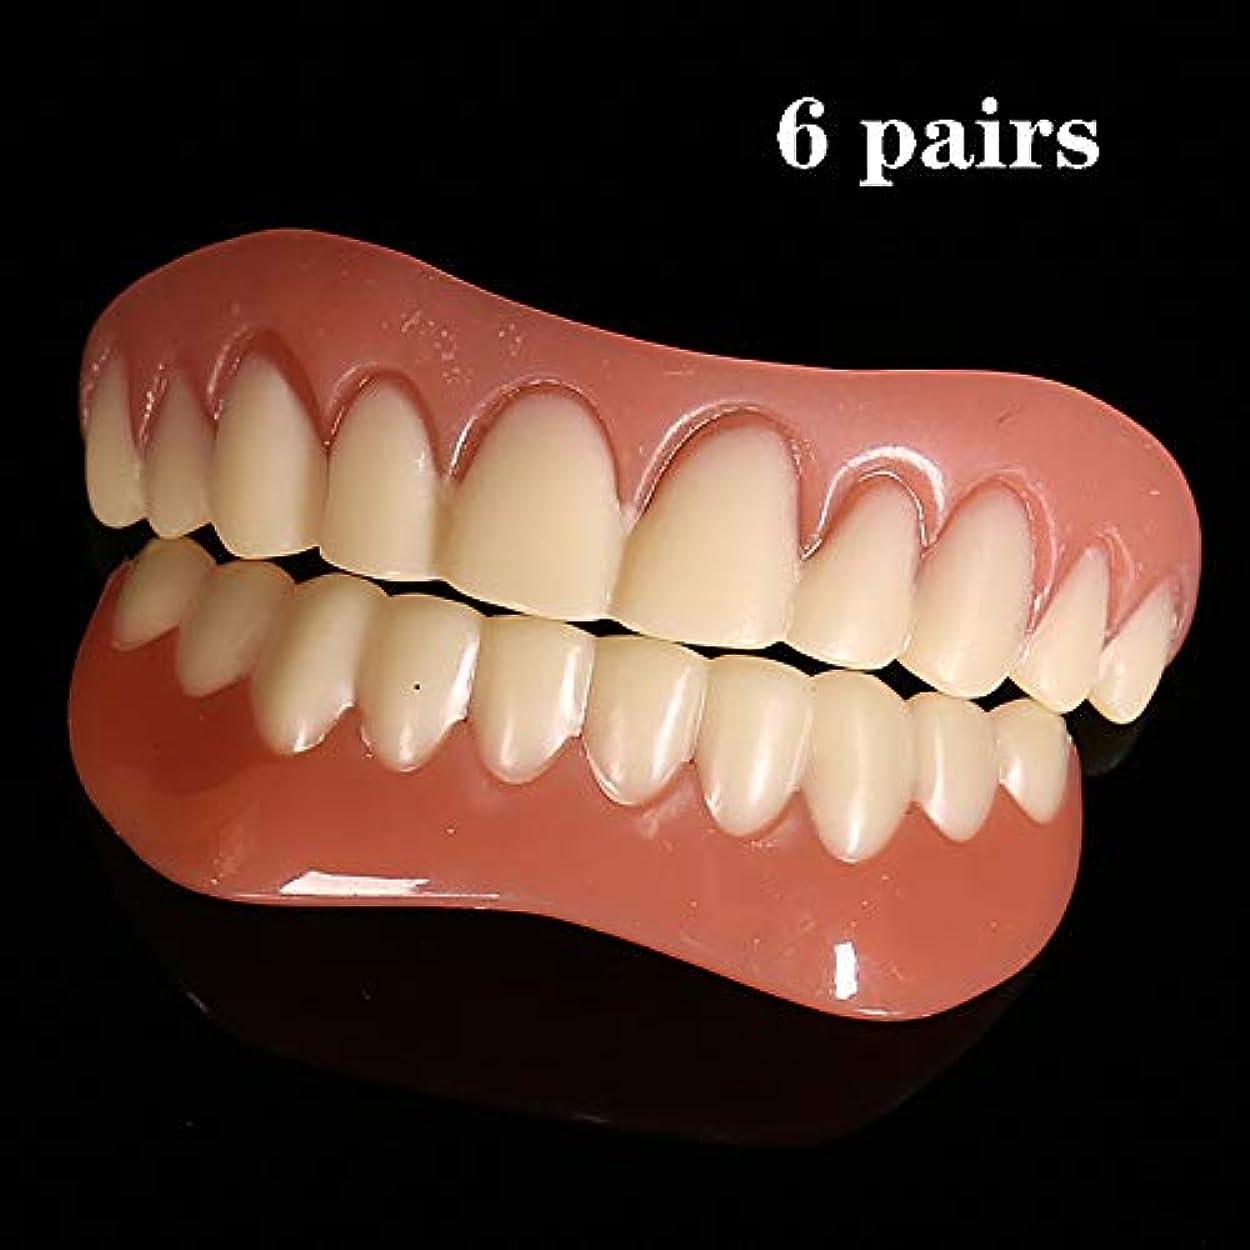 エリートガロン甘くする歯突き板化粧品歯スナップオンセキュア6ペア上下の快適さフィット歯突き板安全インスタントスマイル化粧品ワンサイズ